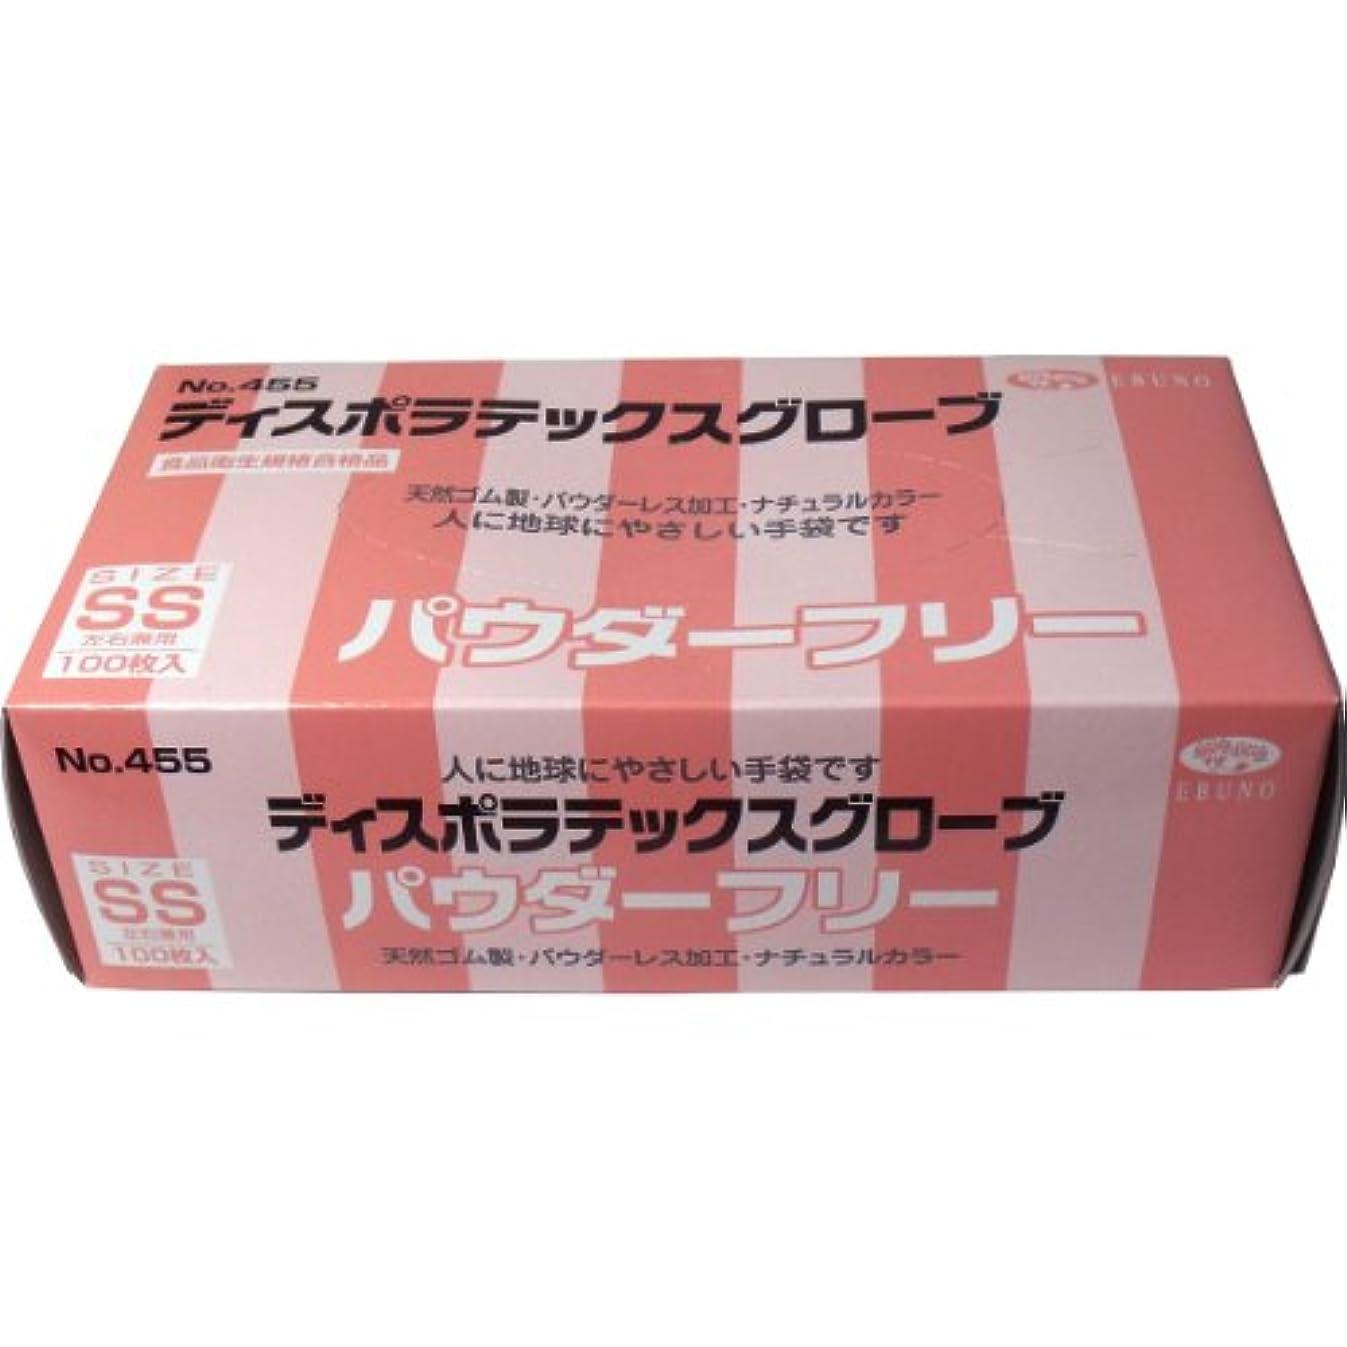 炎上化学薬品補うディスポ ラテックスグローブ(天然ゴム手袋) パウダーフリー SSサイズ 100枚入 ×3個セット